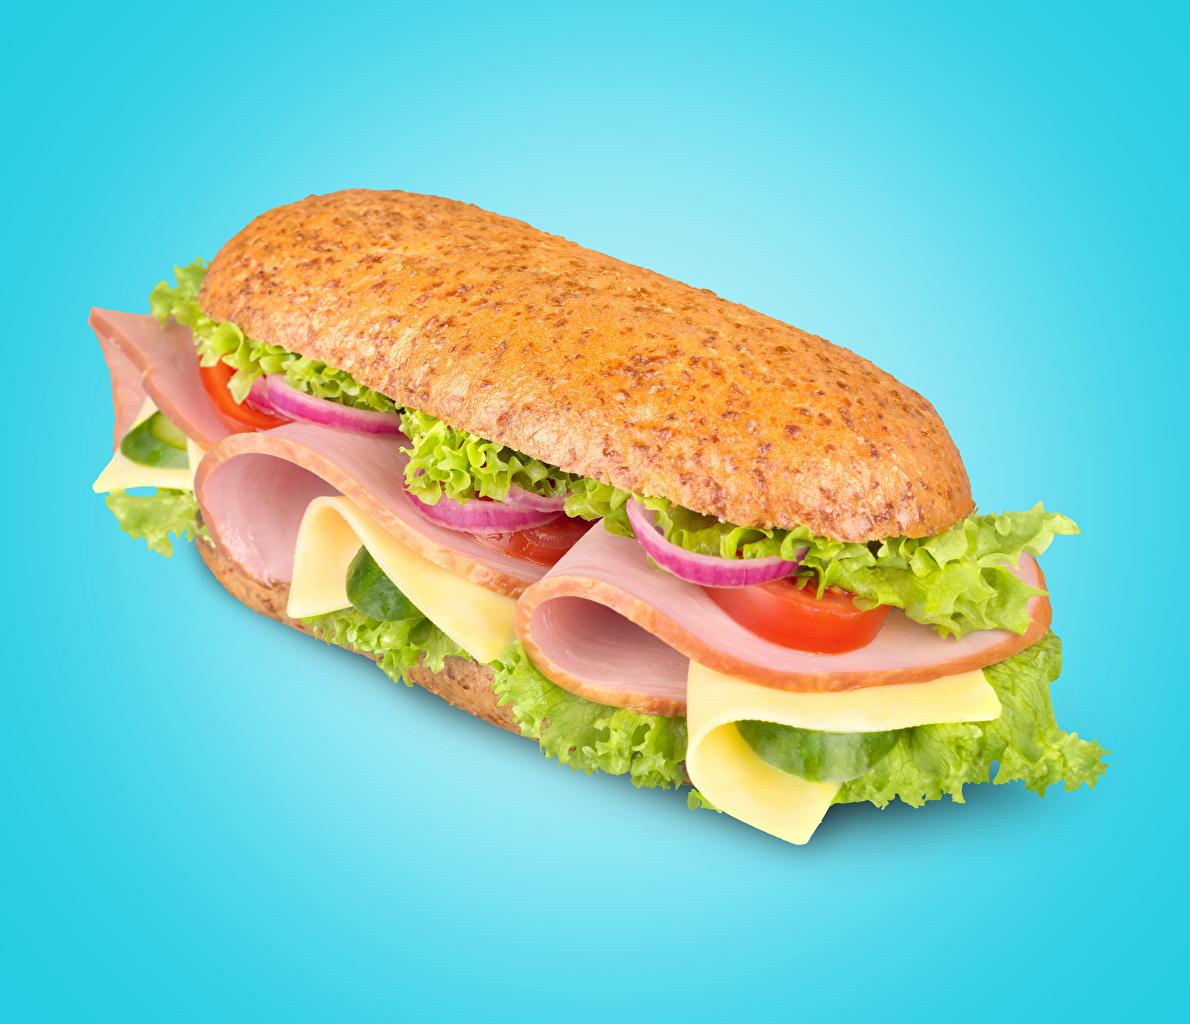 Фотография Сэндвич Колбаса Фастфуд Пища Овощи Цветной фон Быстрое питание Еда Продукты питания